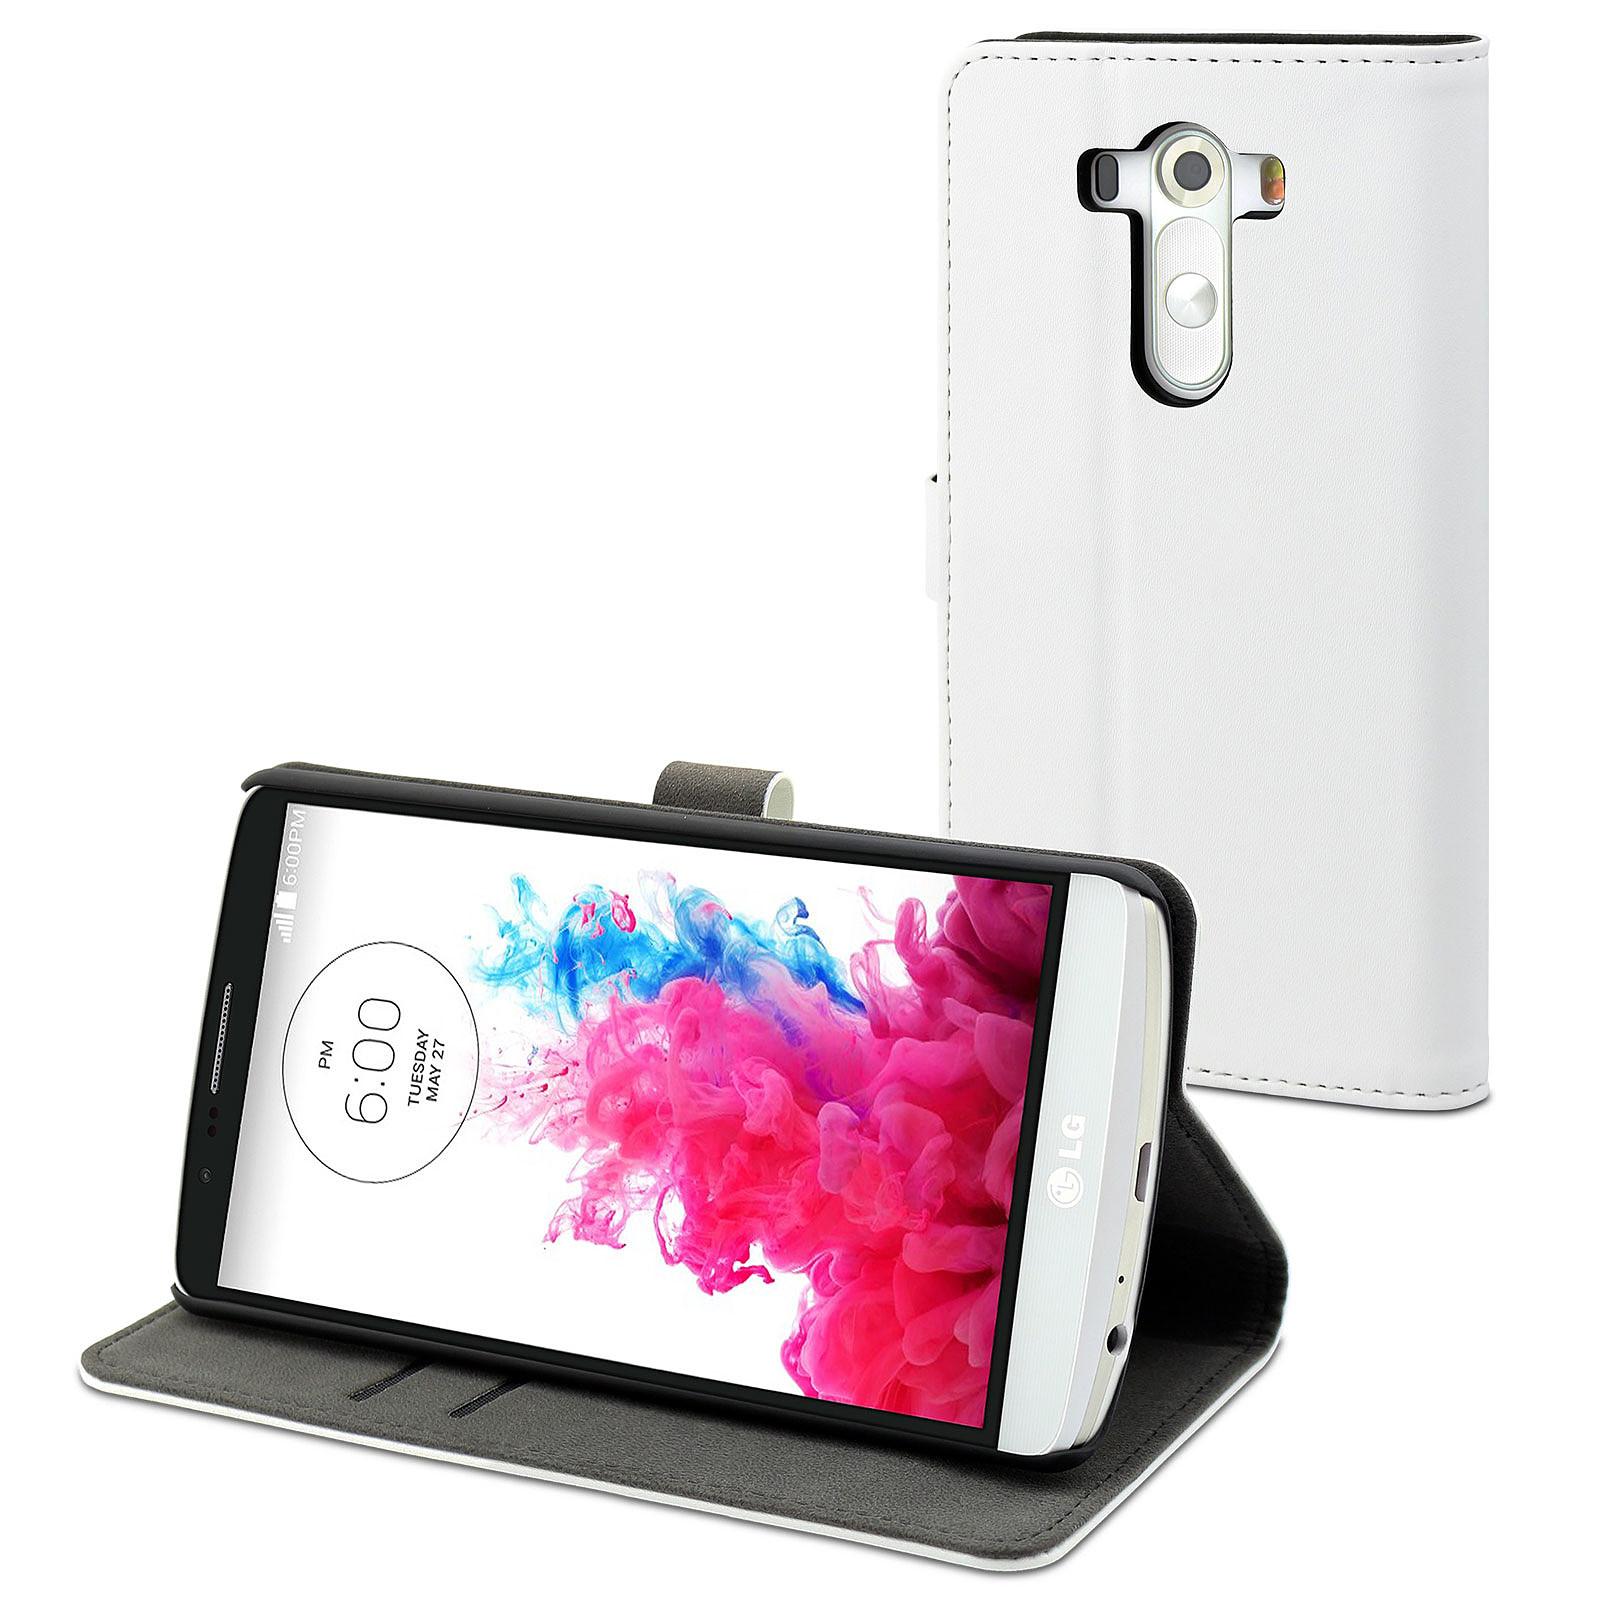 Muvit Etui Slim S Folio Blanc pour LG G3